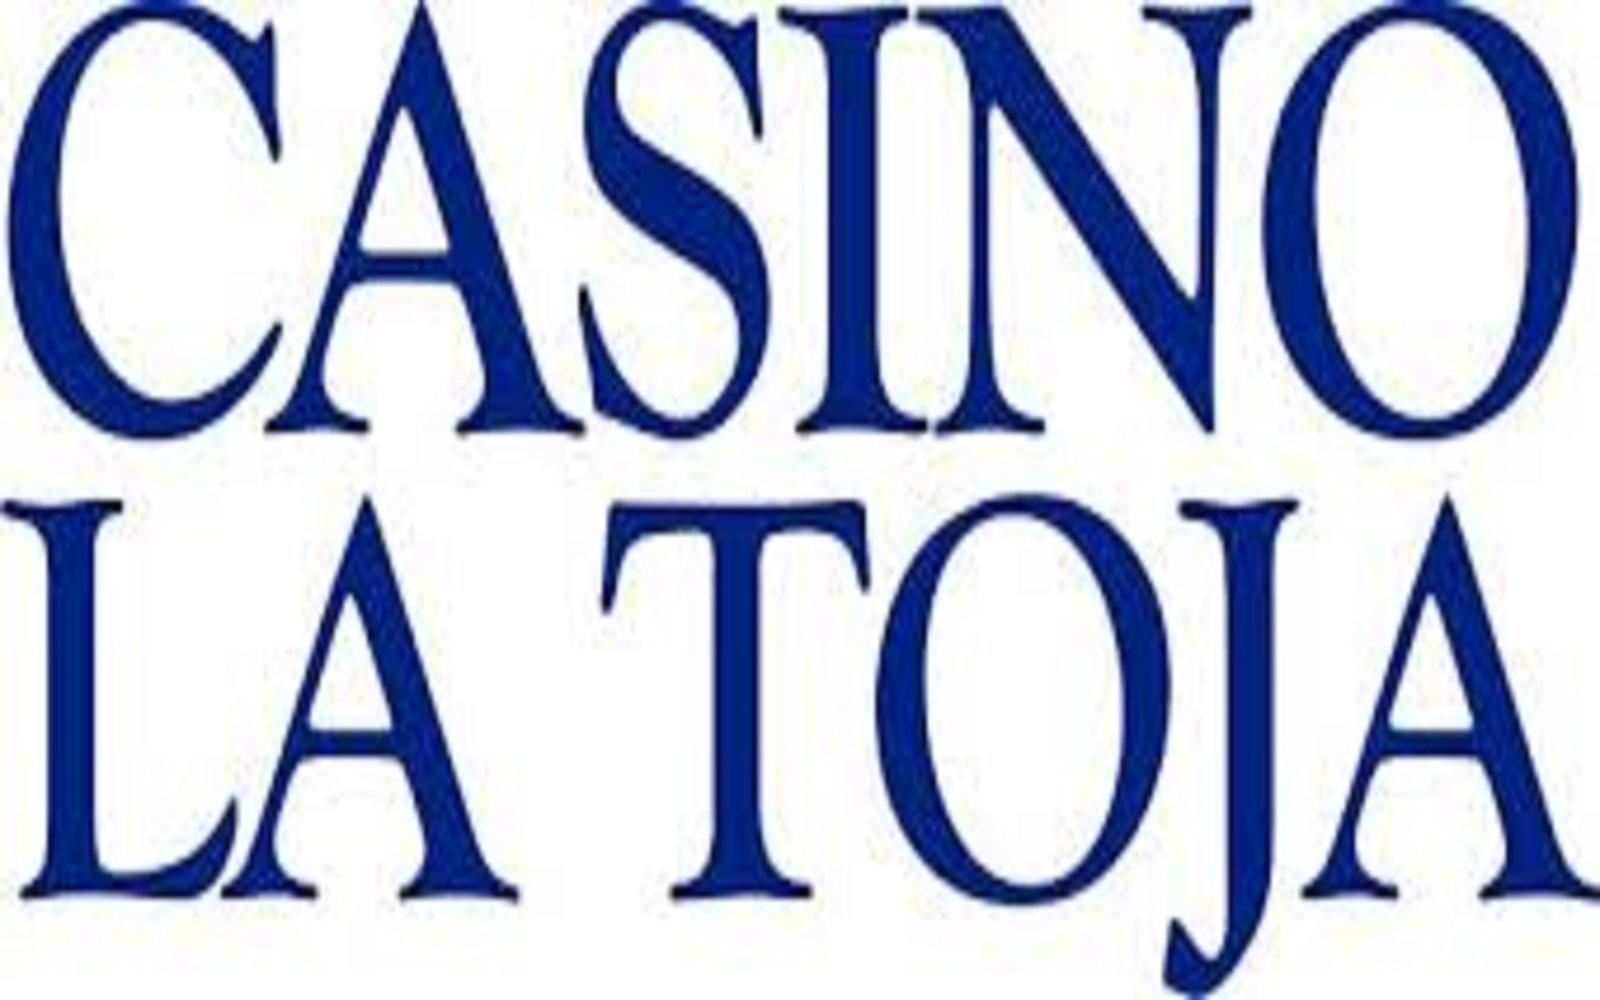 Casino de la Toja